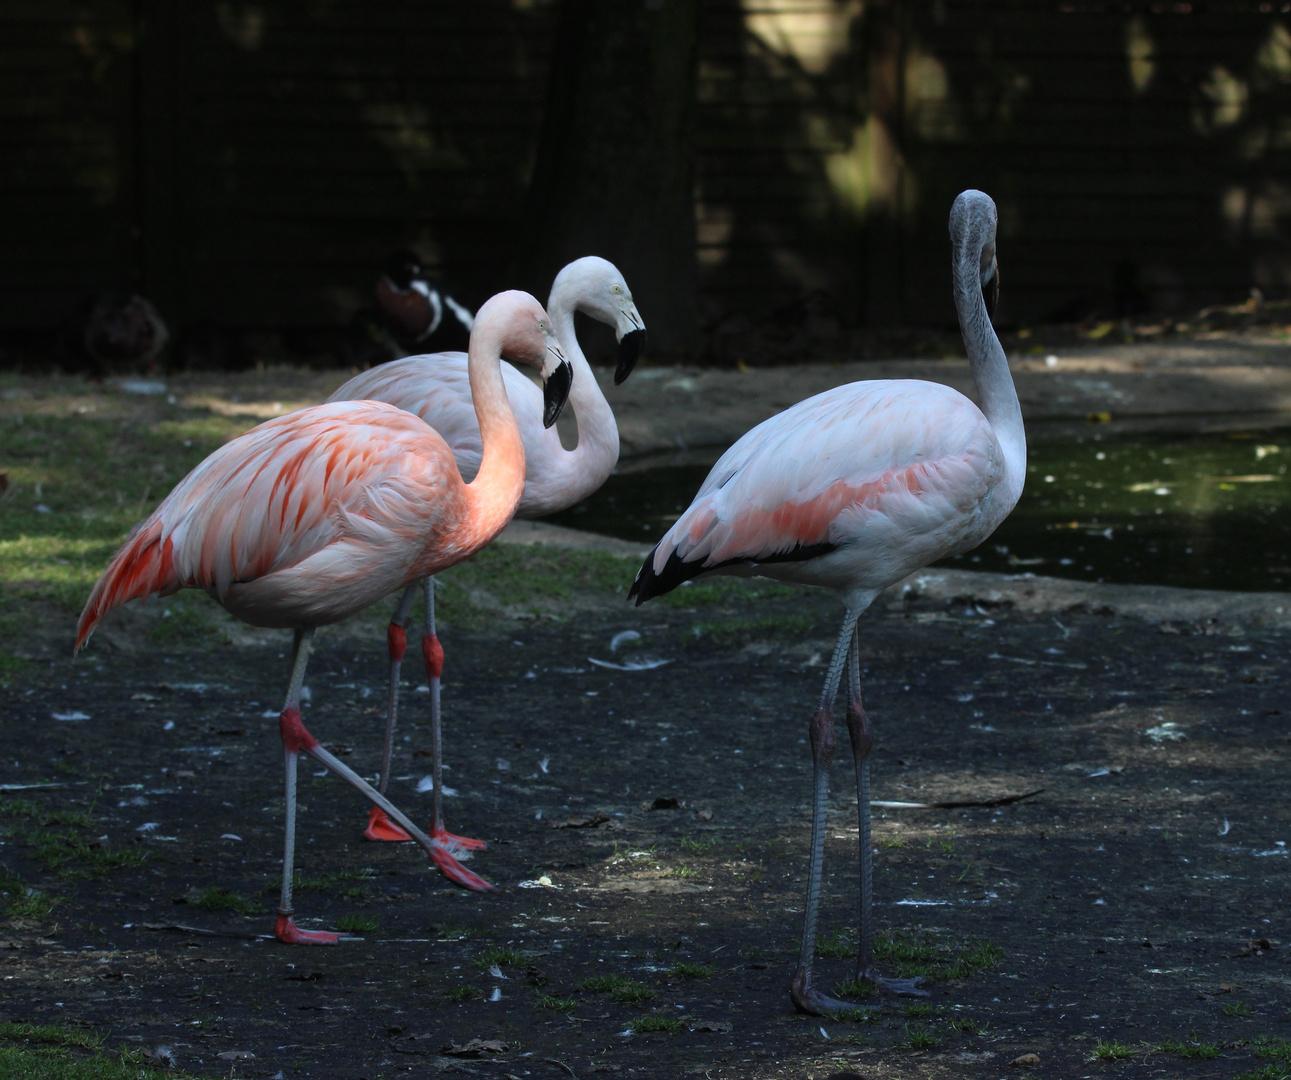 Worüber sich diese drei Flamingos wohl unterhalten?